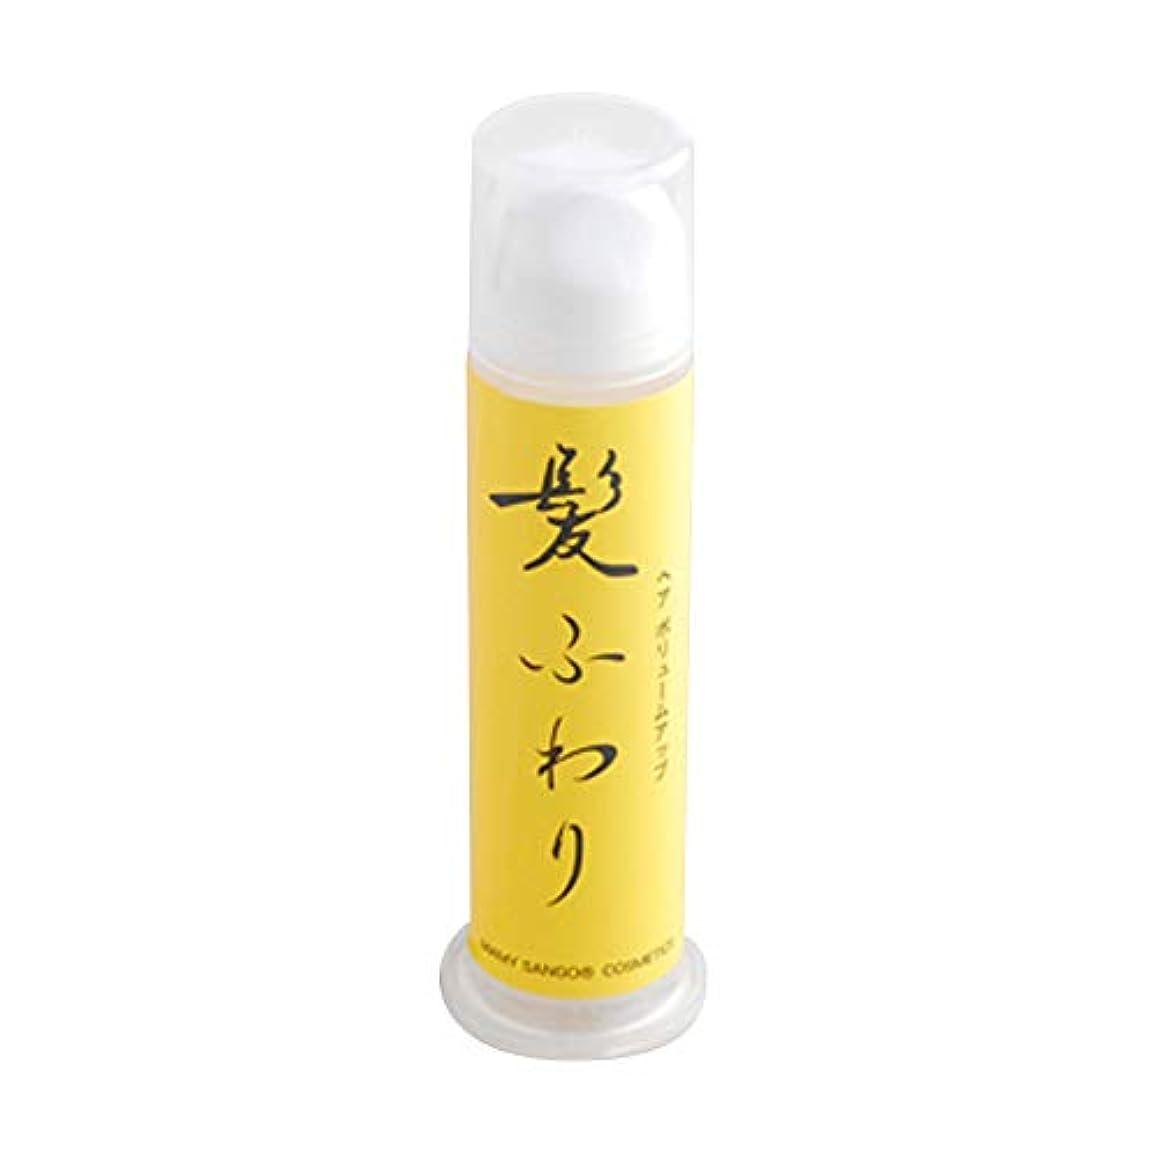 ウール浸透するコンテストマミーサンゴ 髪ふわり 100g (1本)